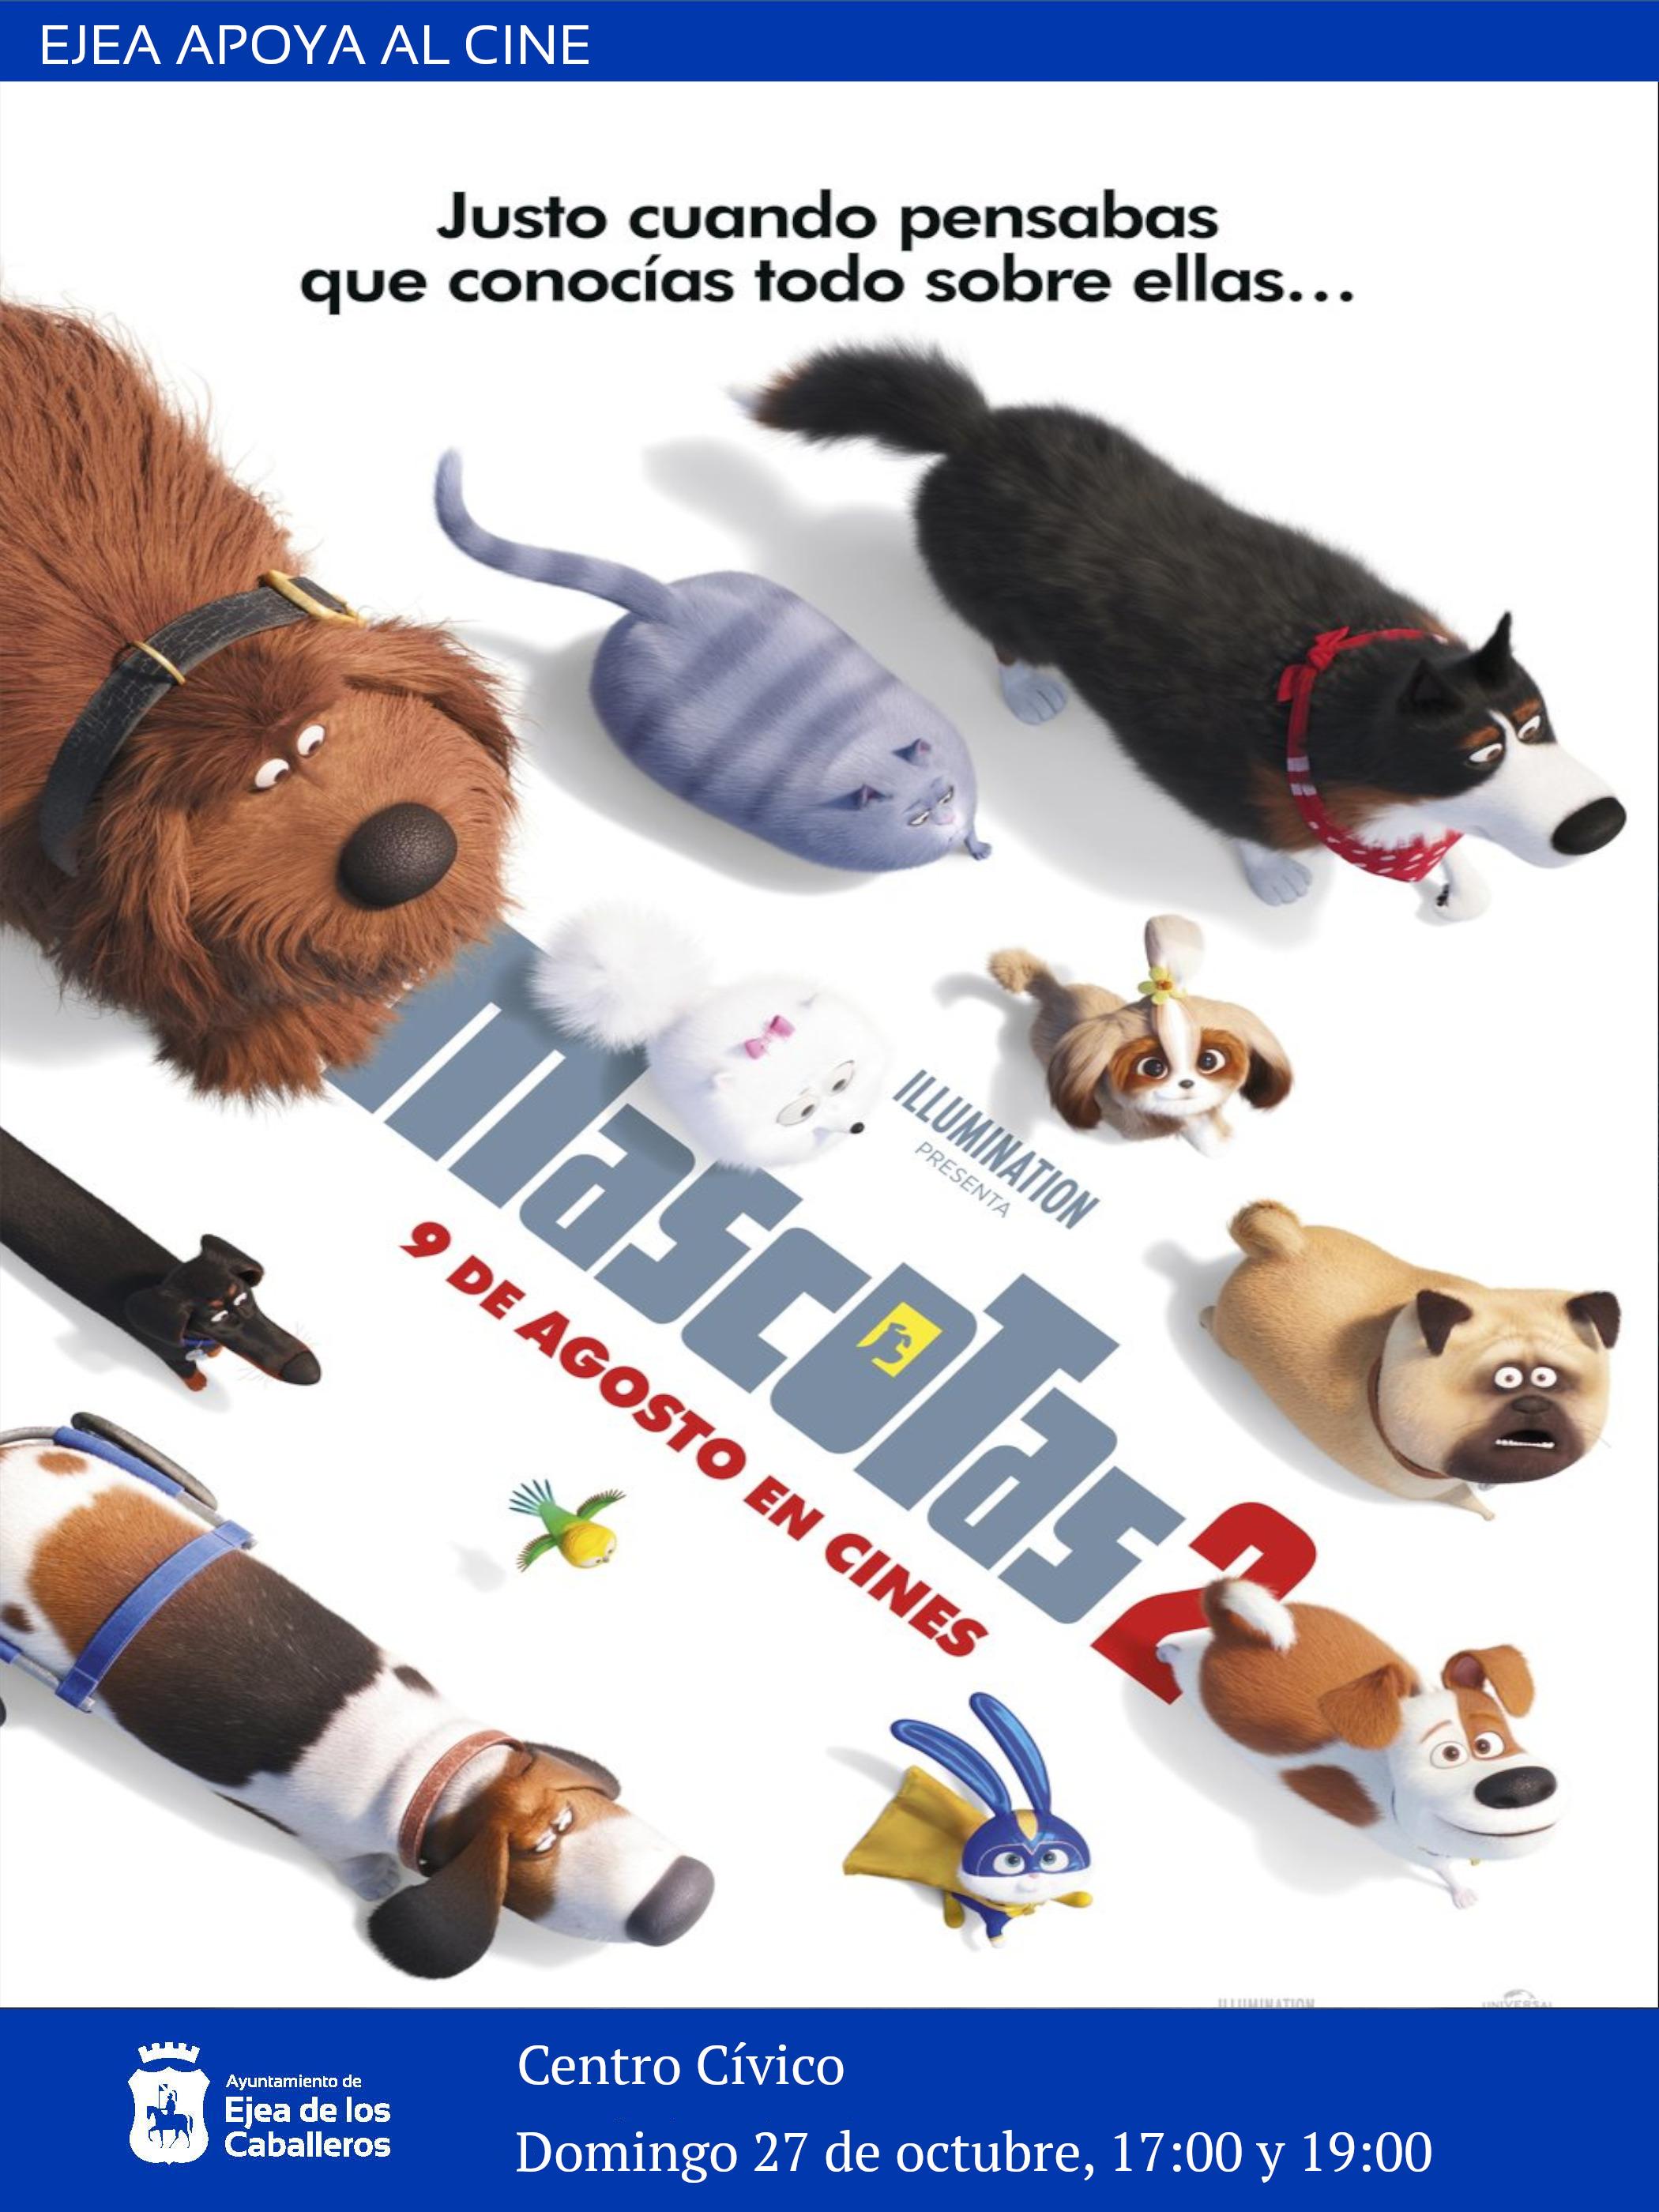 """EJEA APOYA  AL CINE: """"Mascotas 2"""", una película infantil para aprender a afrontar los cambios que nos trae la vida"""